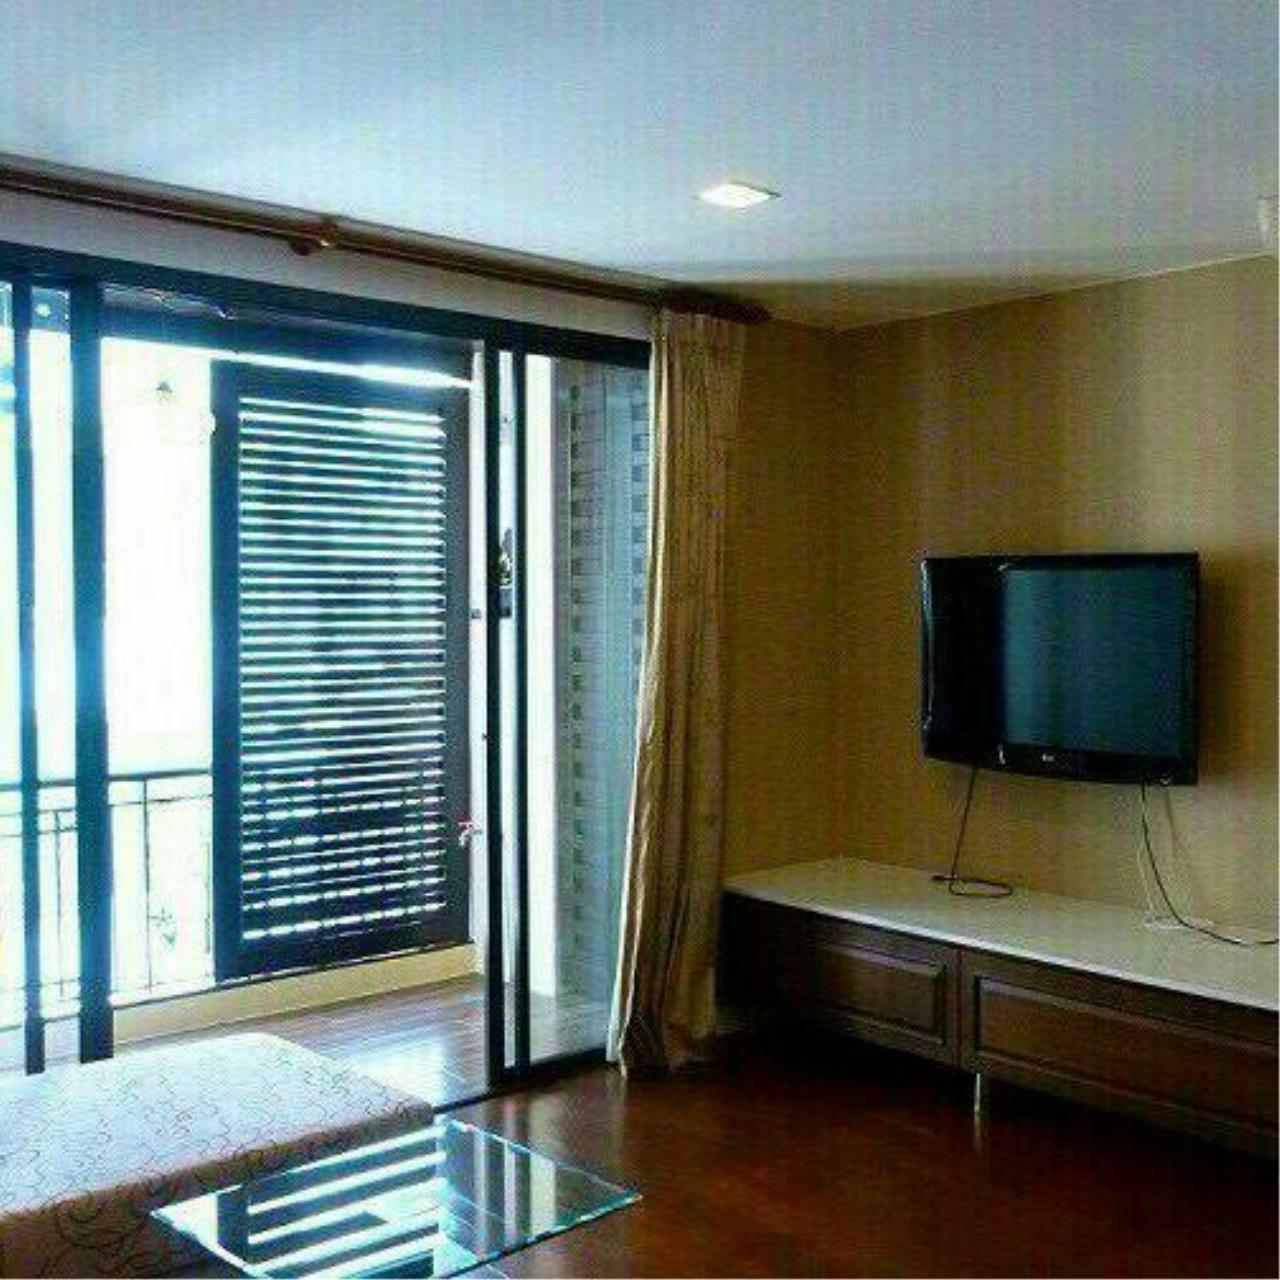 You Estate Agency's sale or rent 52000 area 80 sq.m 2 bed Prime Mansion sukhumvit 31 4